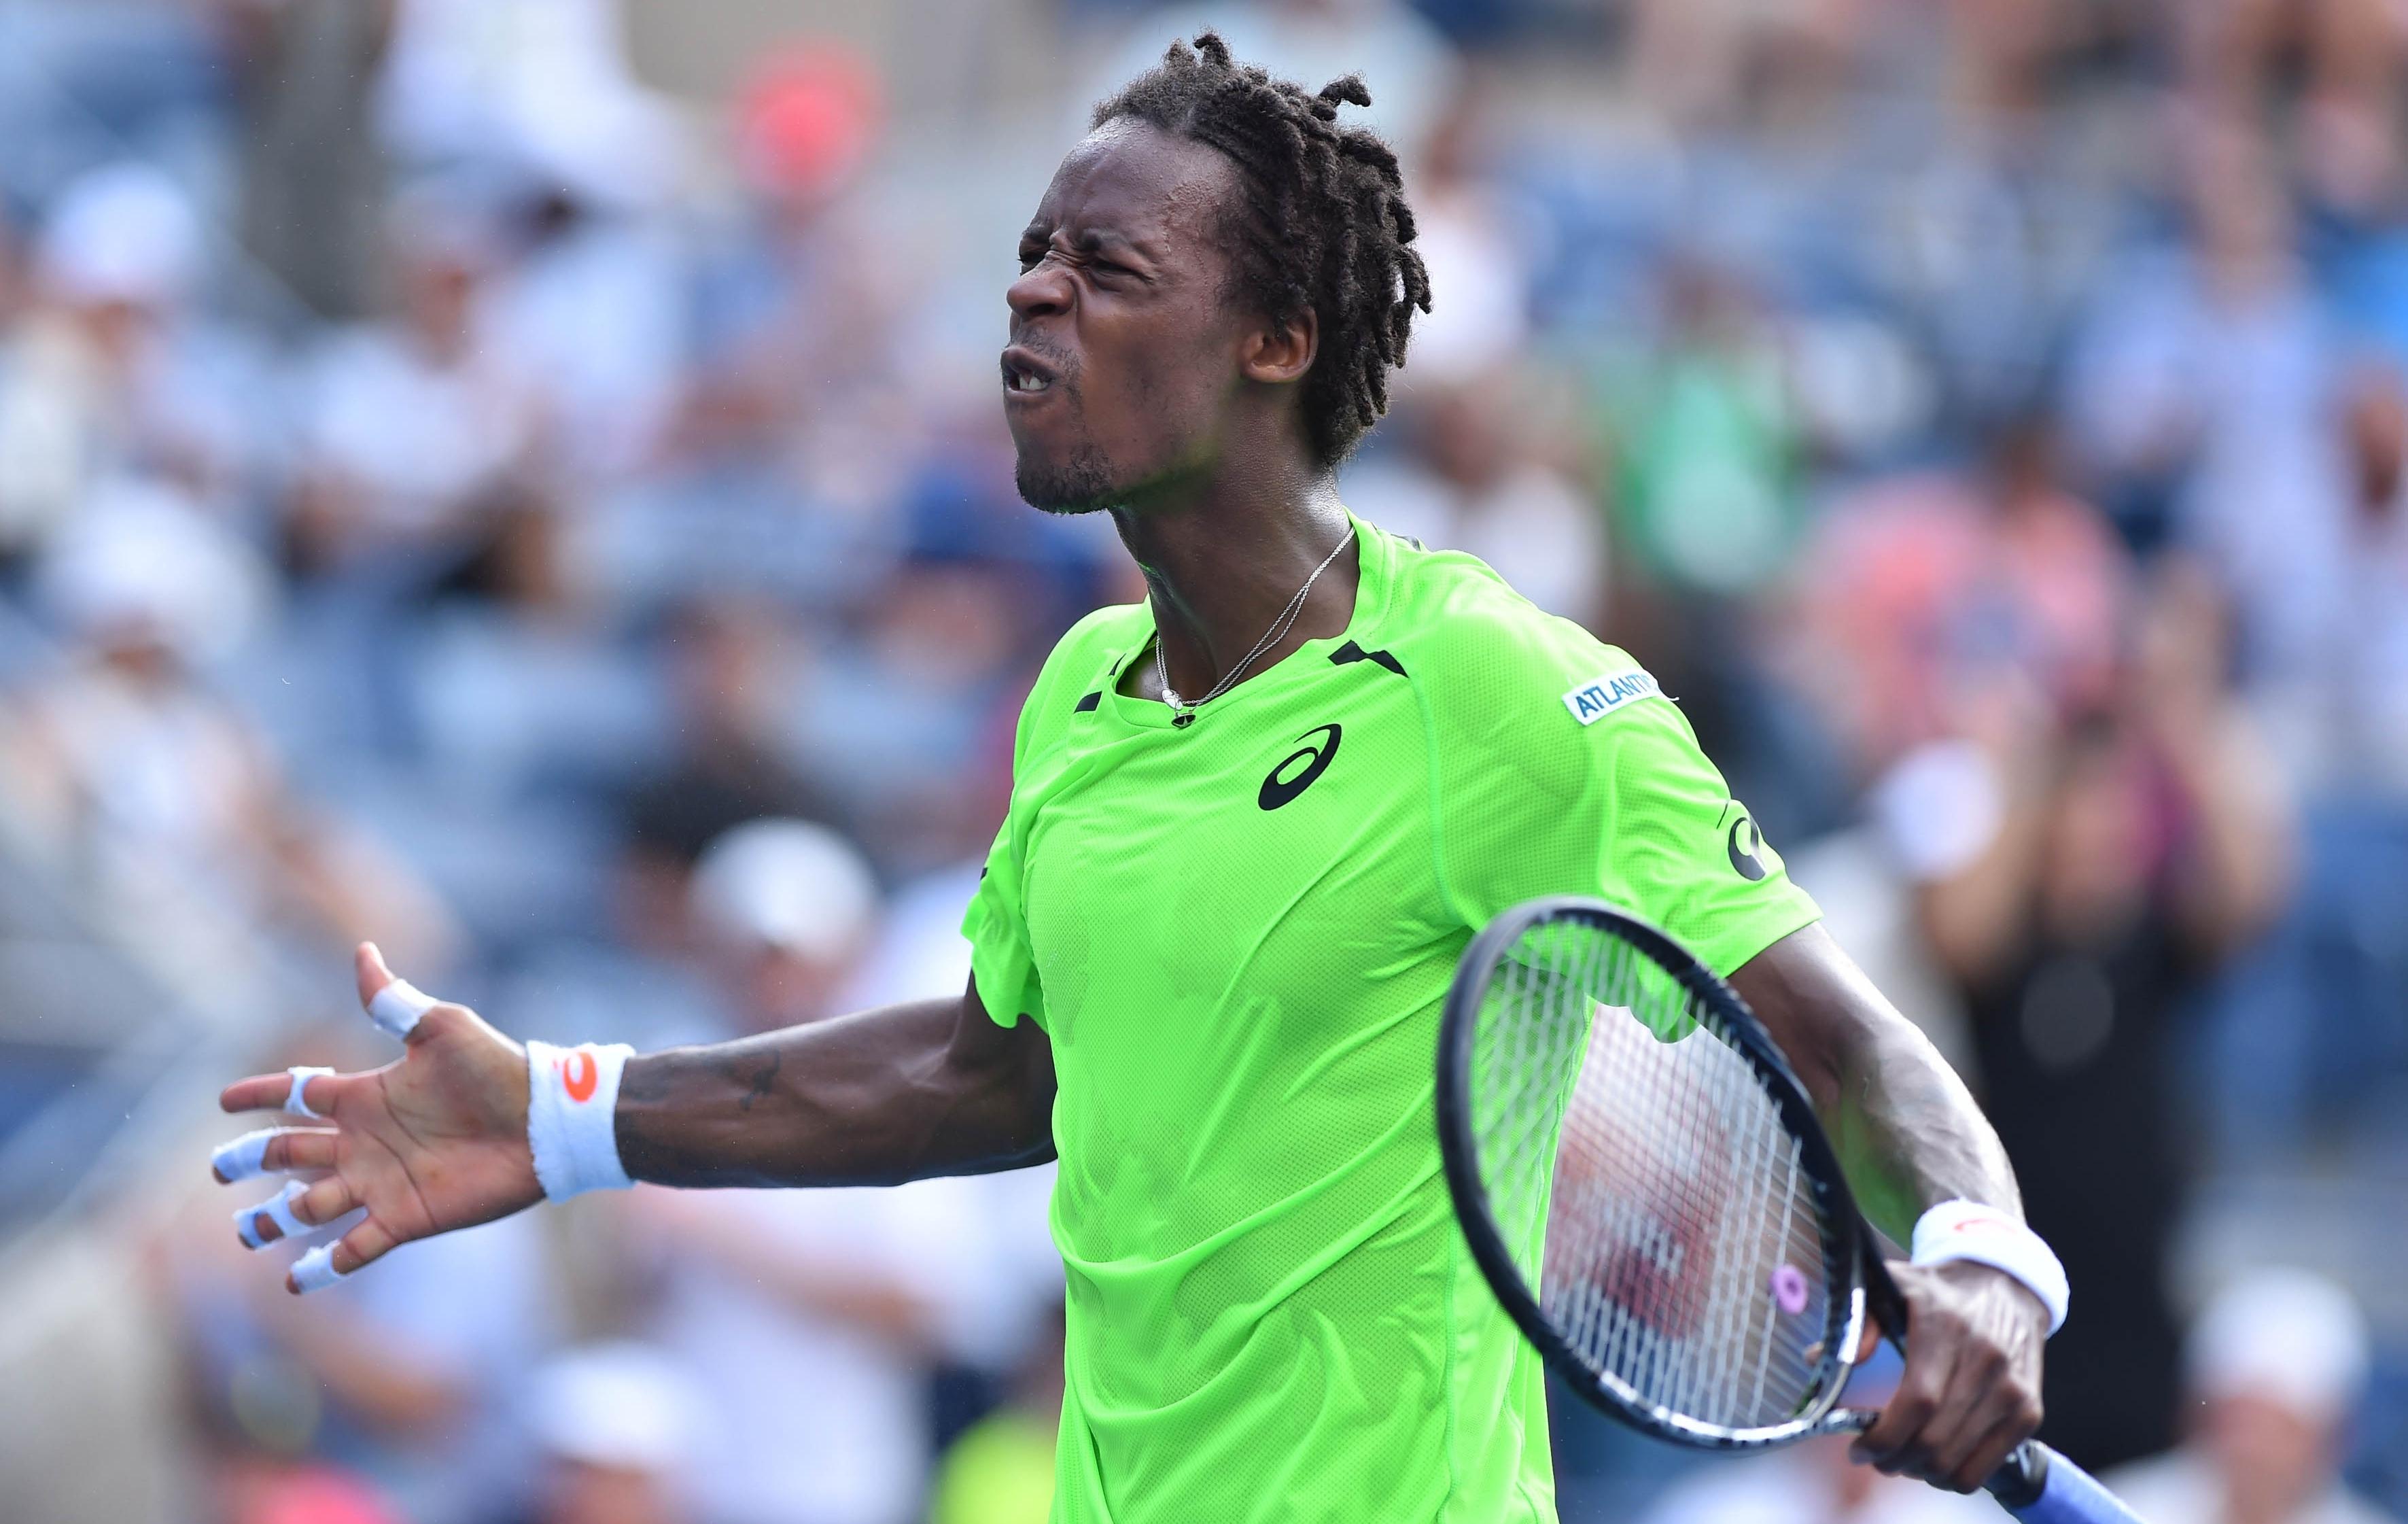 Tennis - US Open - Monfils : �Je dois croire en moi�